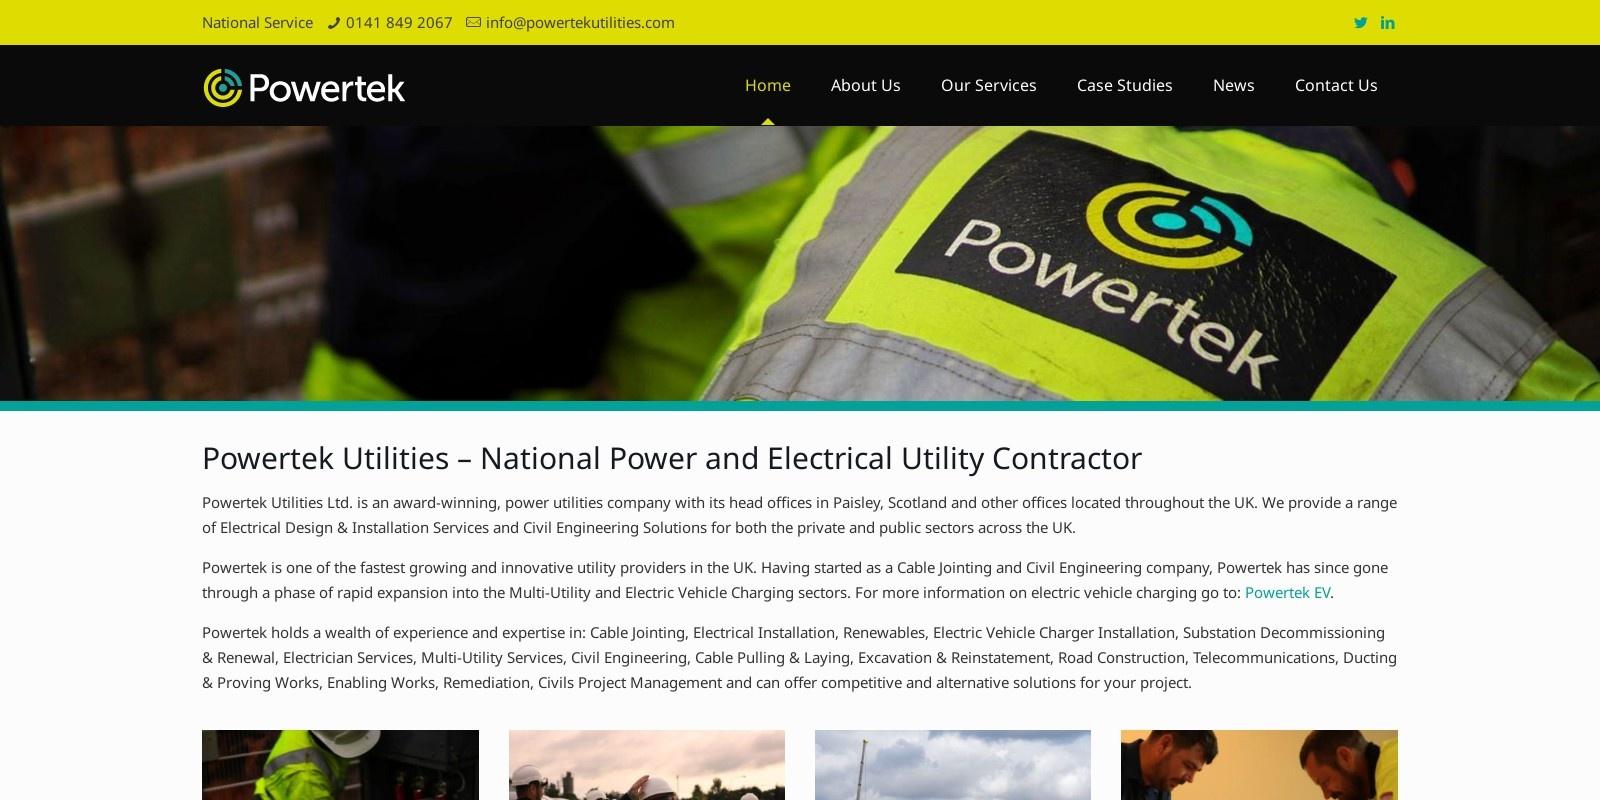 Preview of https://www.powertekutilities.com